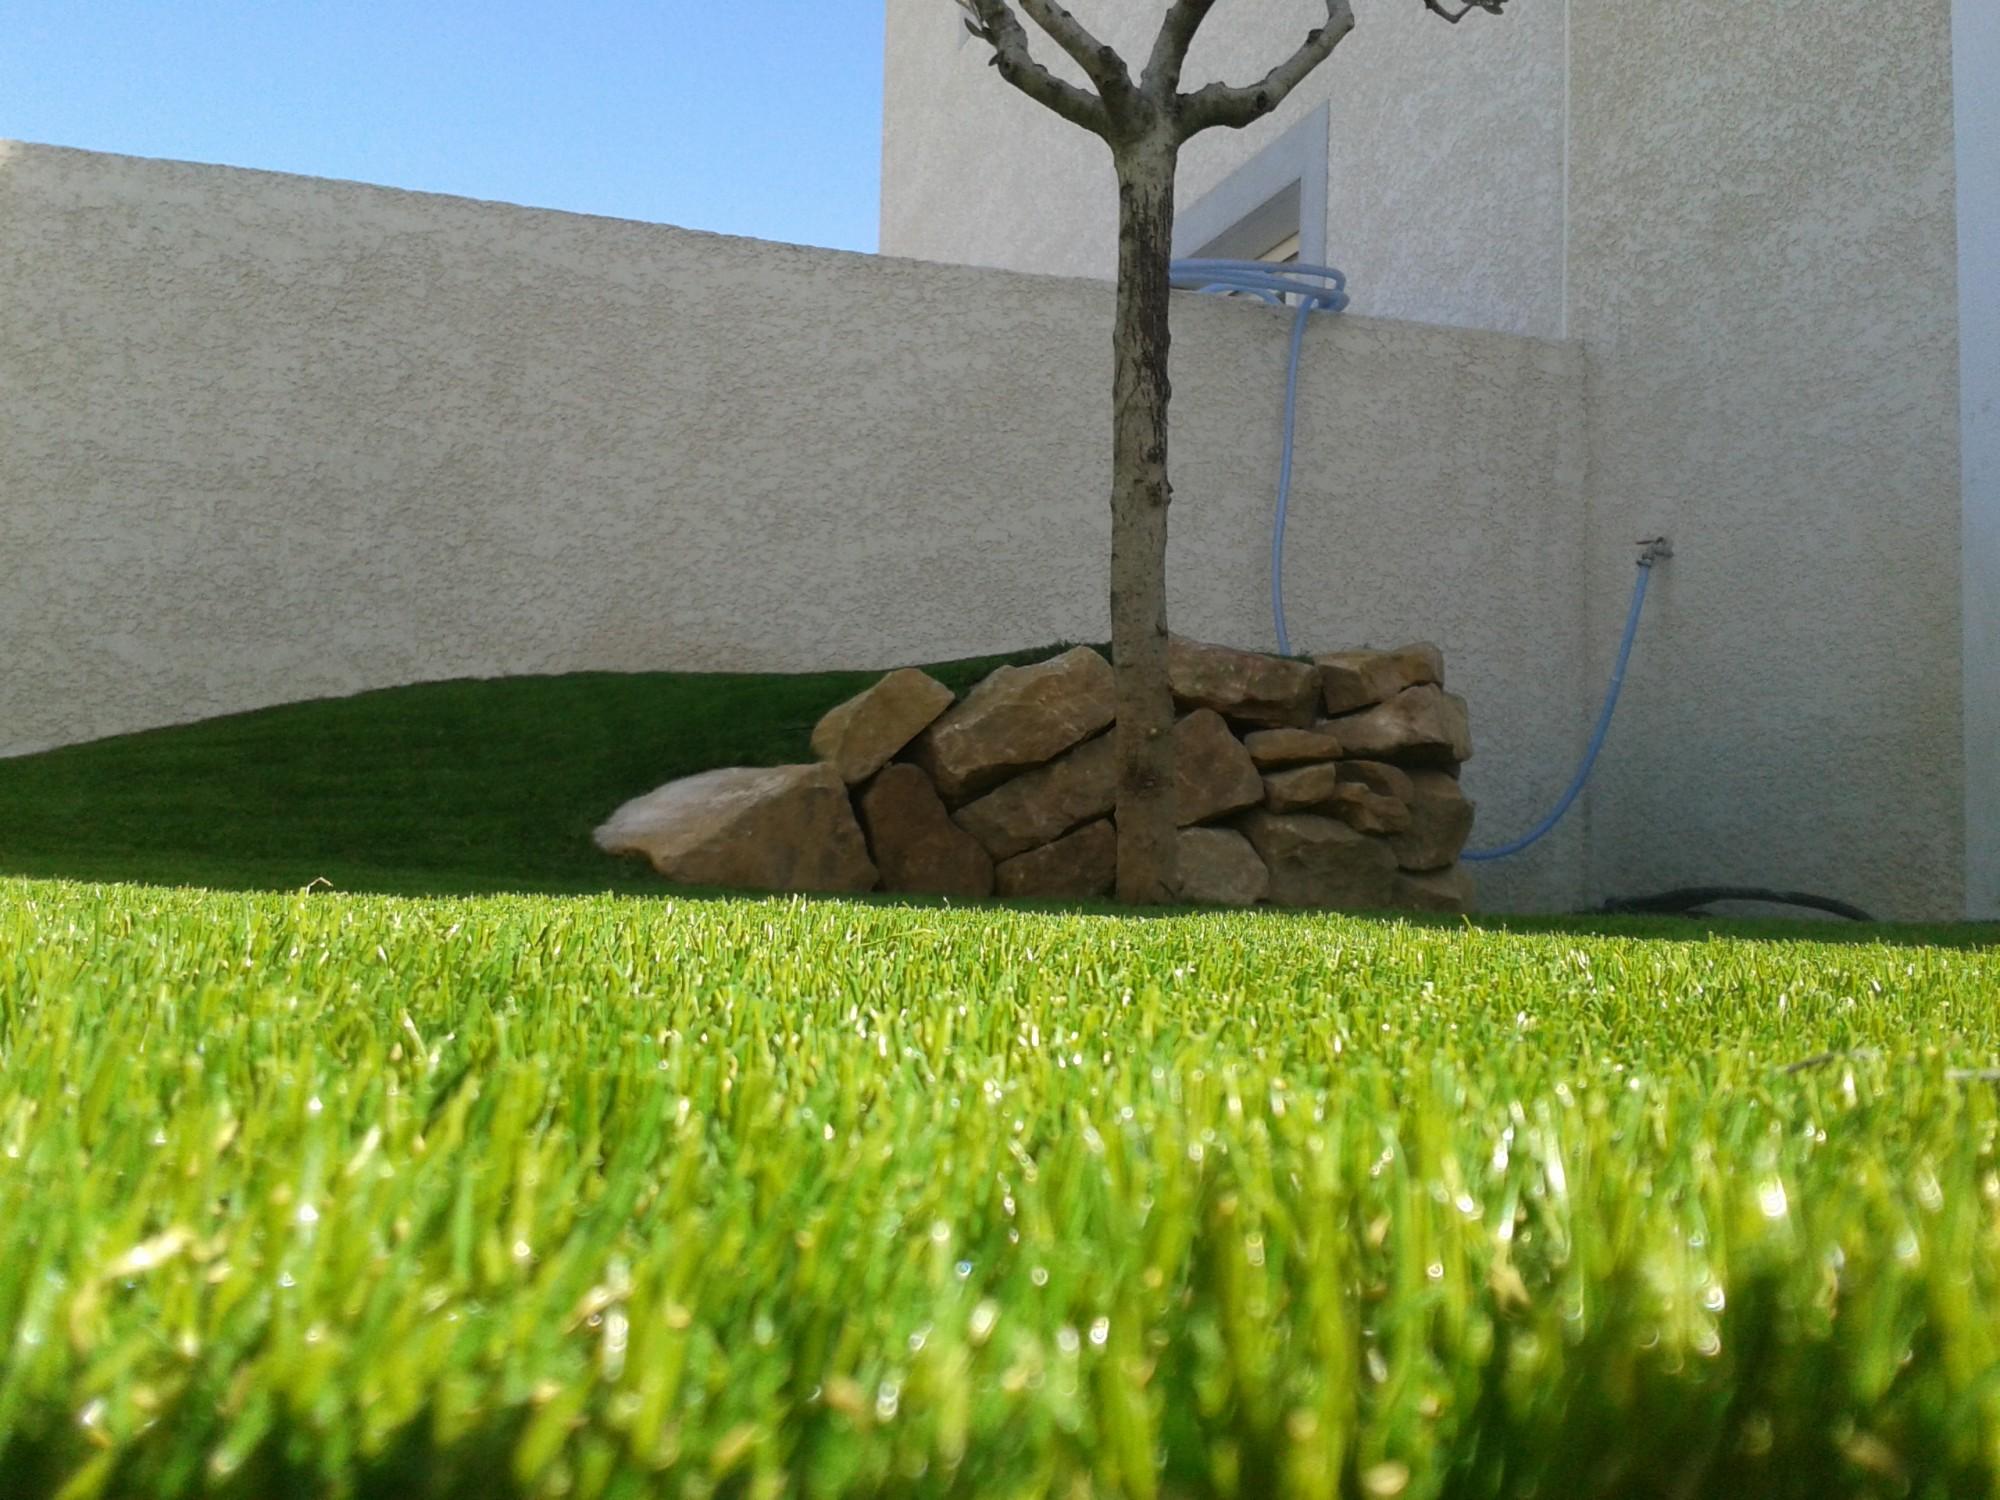 Piscine pour jardin pas cher beautiful piscine jardin bois images et photos with piscine pour - Entourage maison pas cher ...